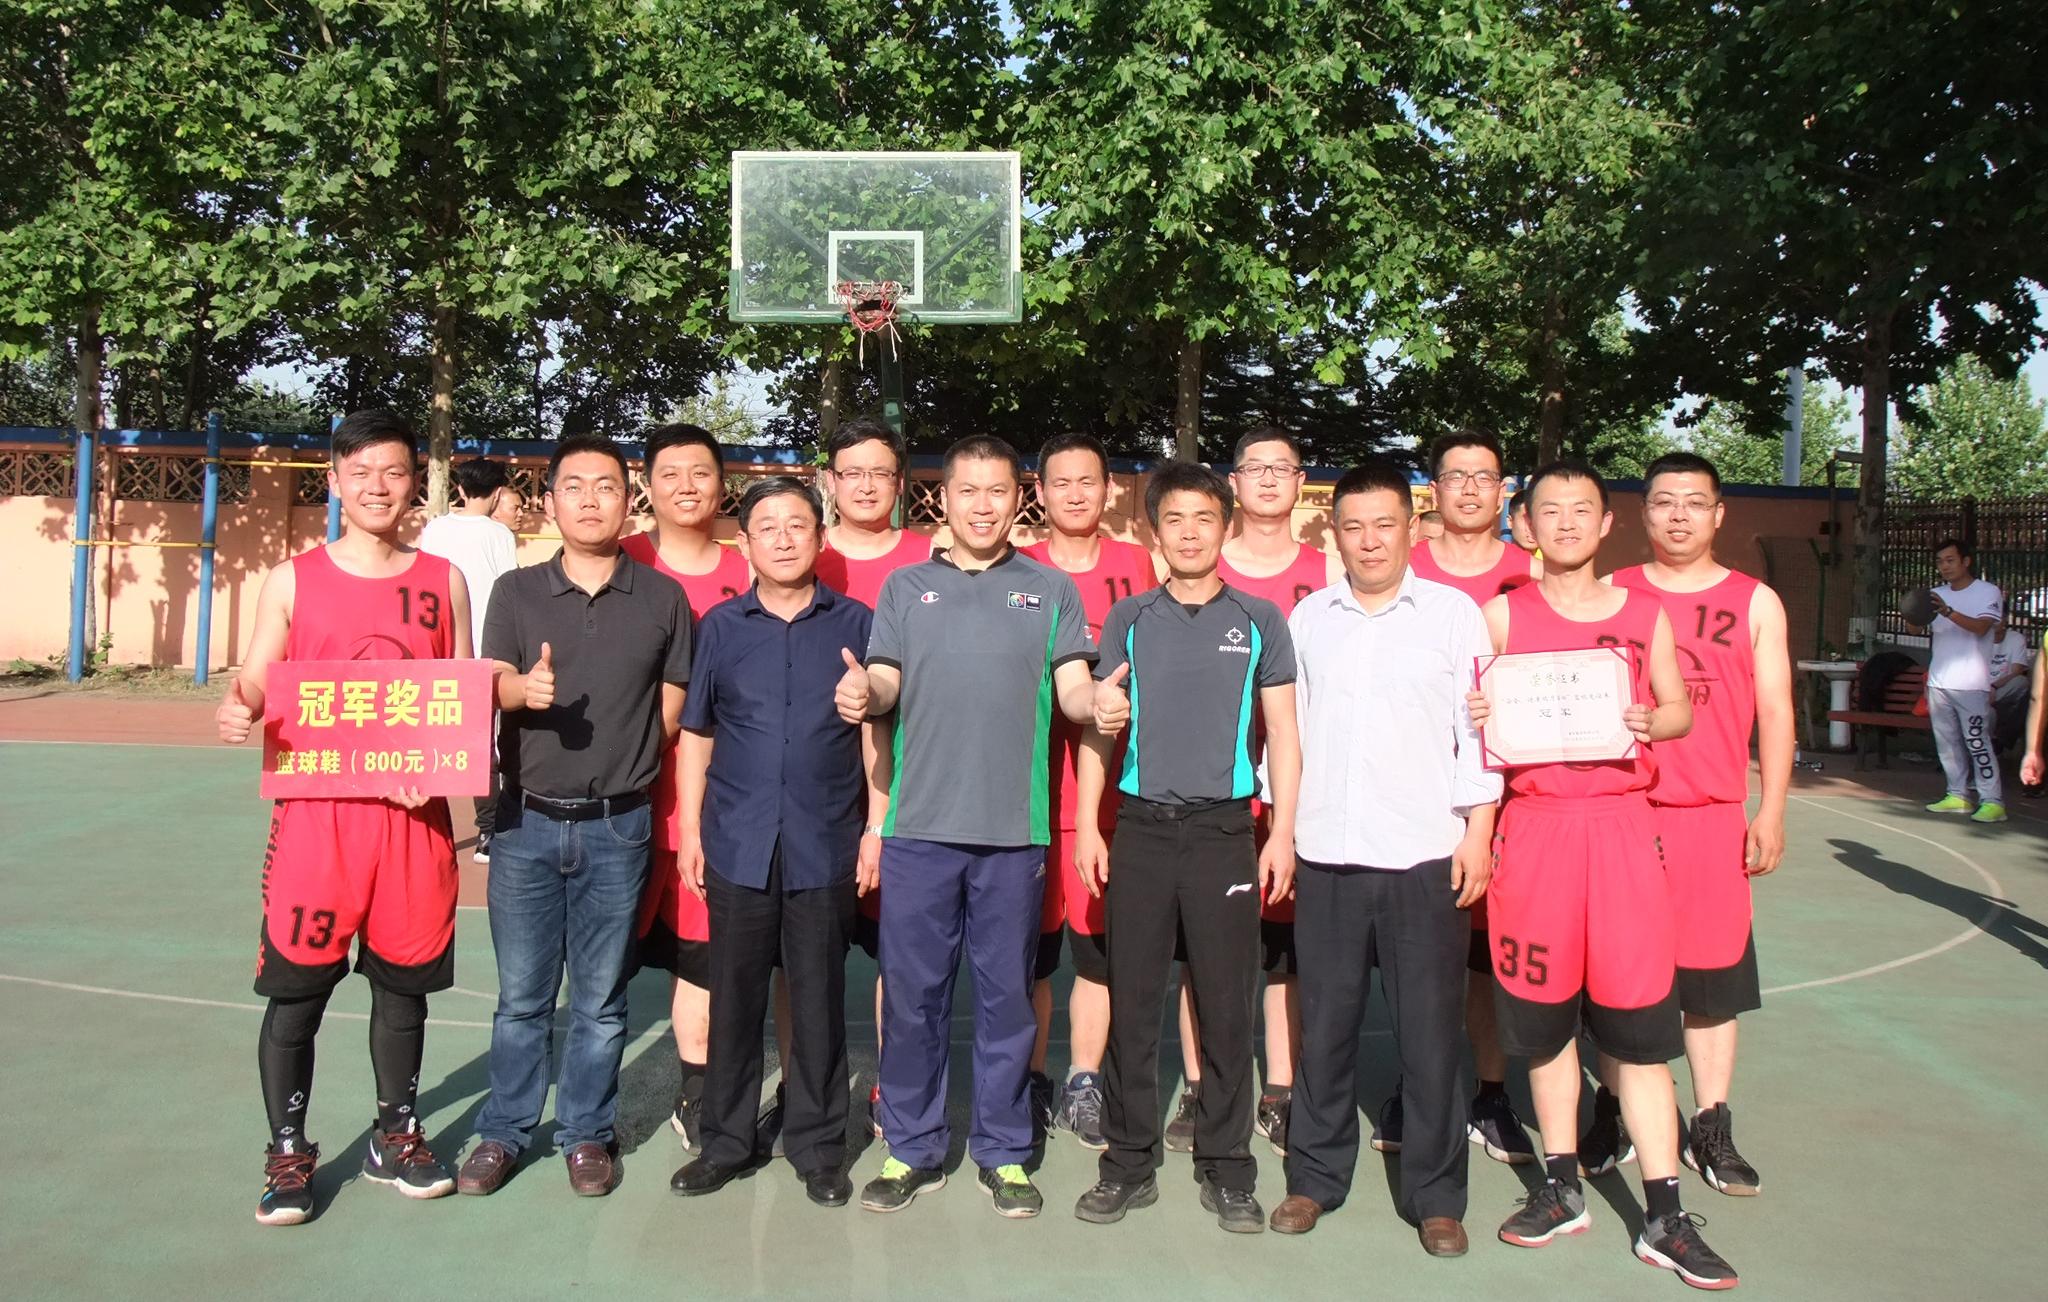 篮球比赛,共筑友谊——鲁丽集团首届职工篮球友谊赛圆满结束